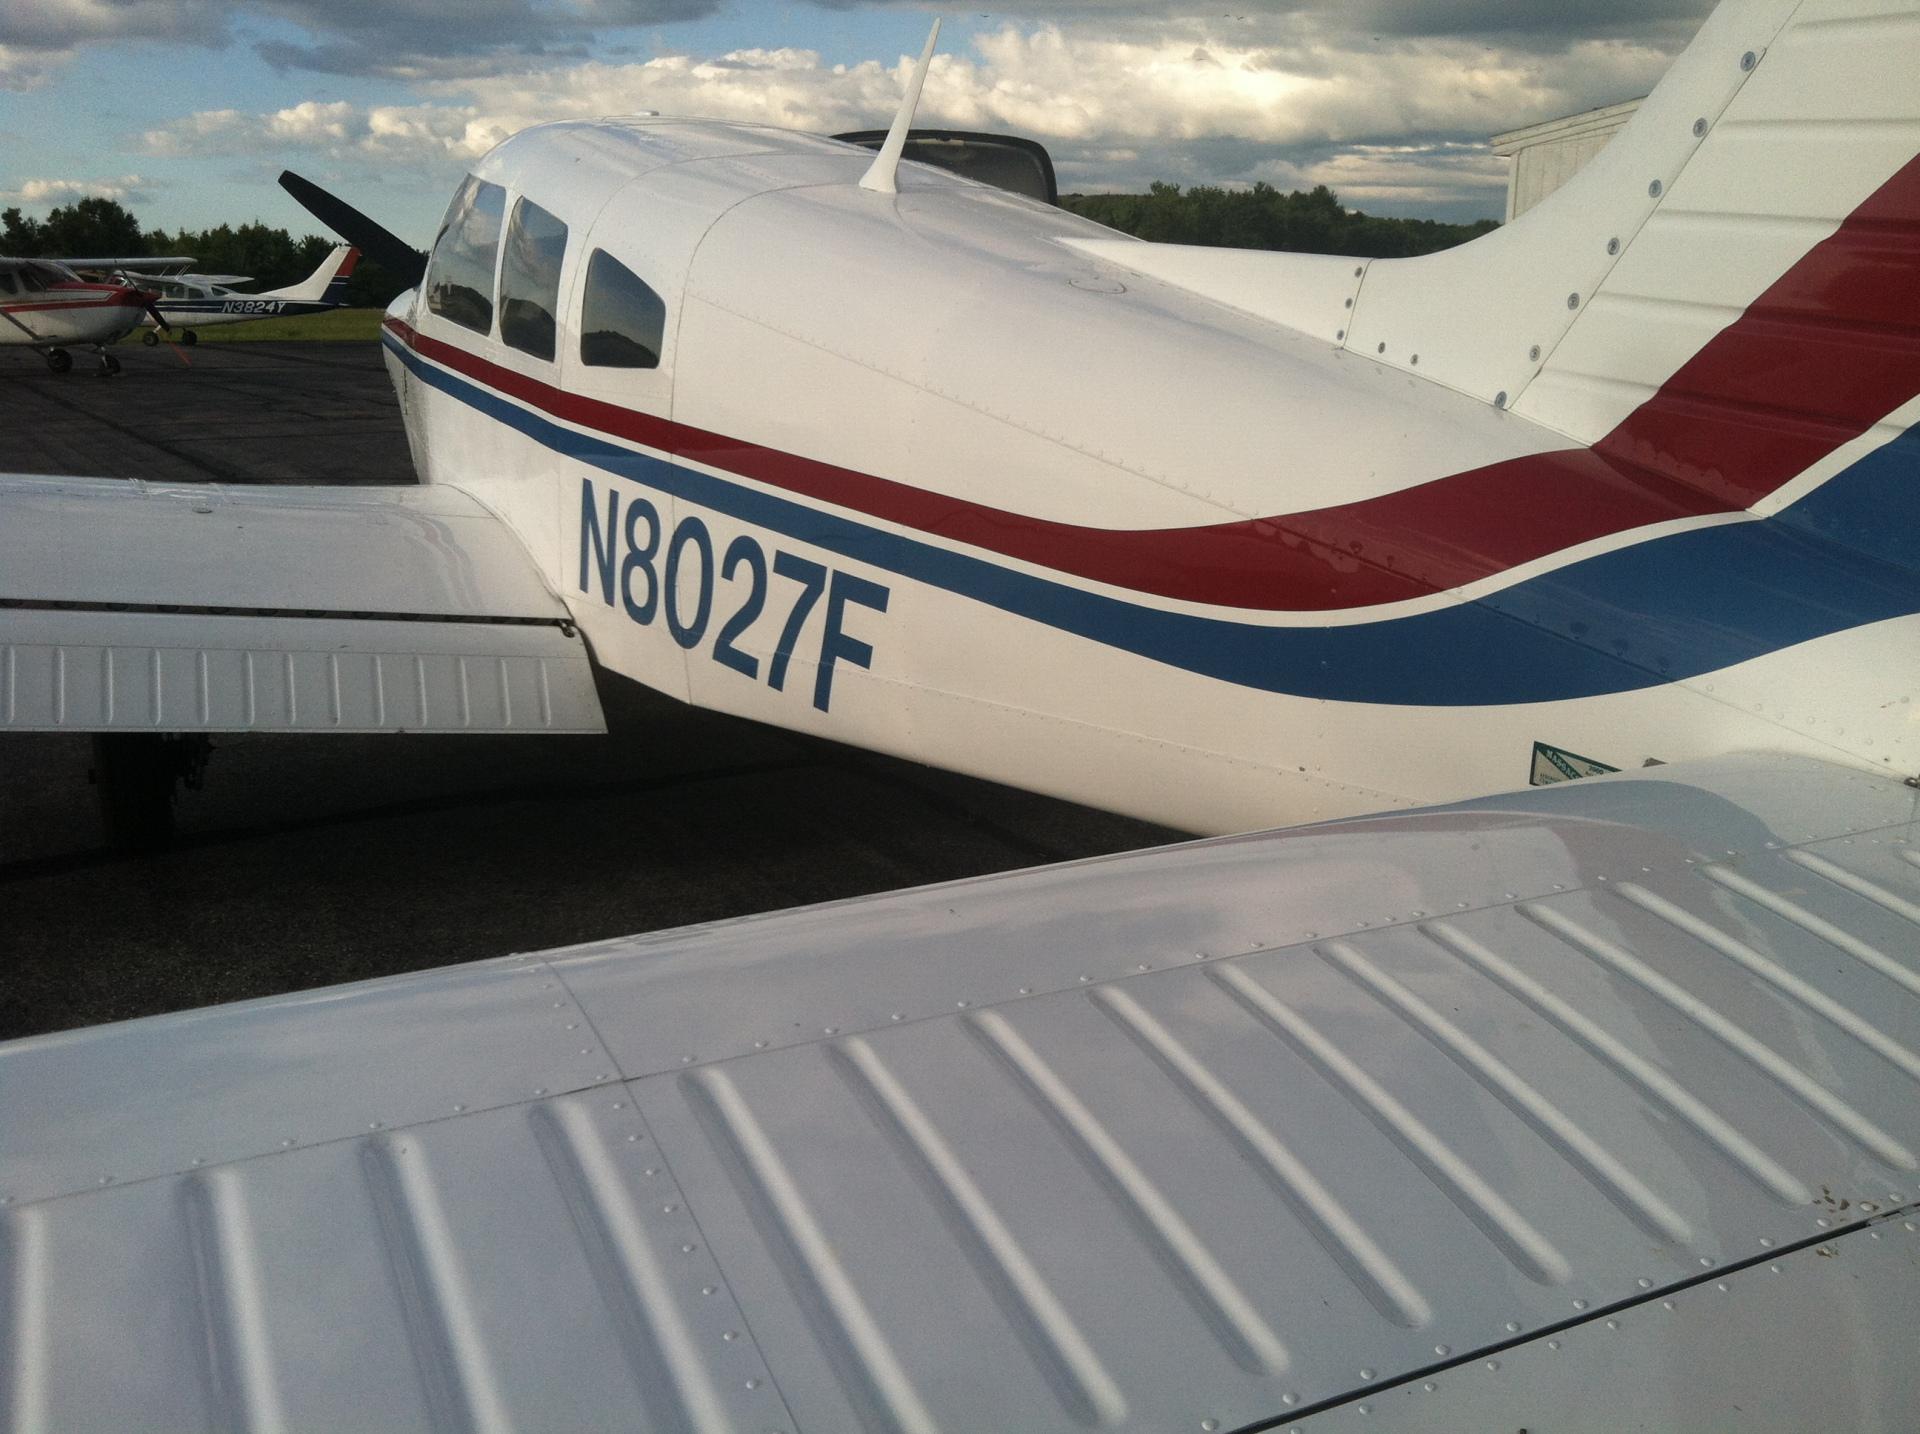 N8027F